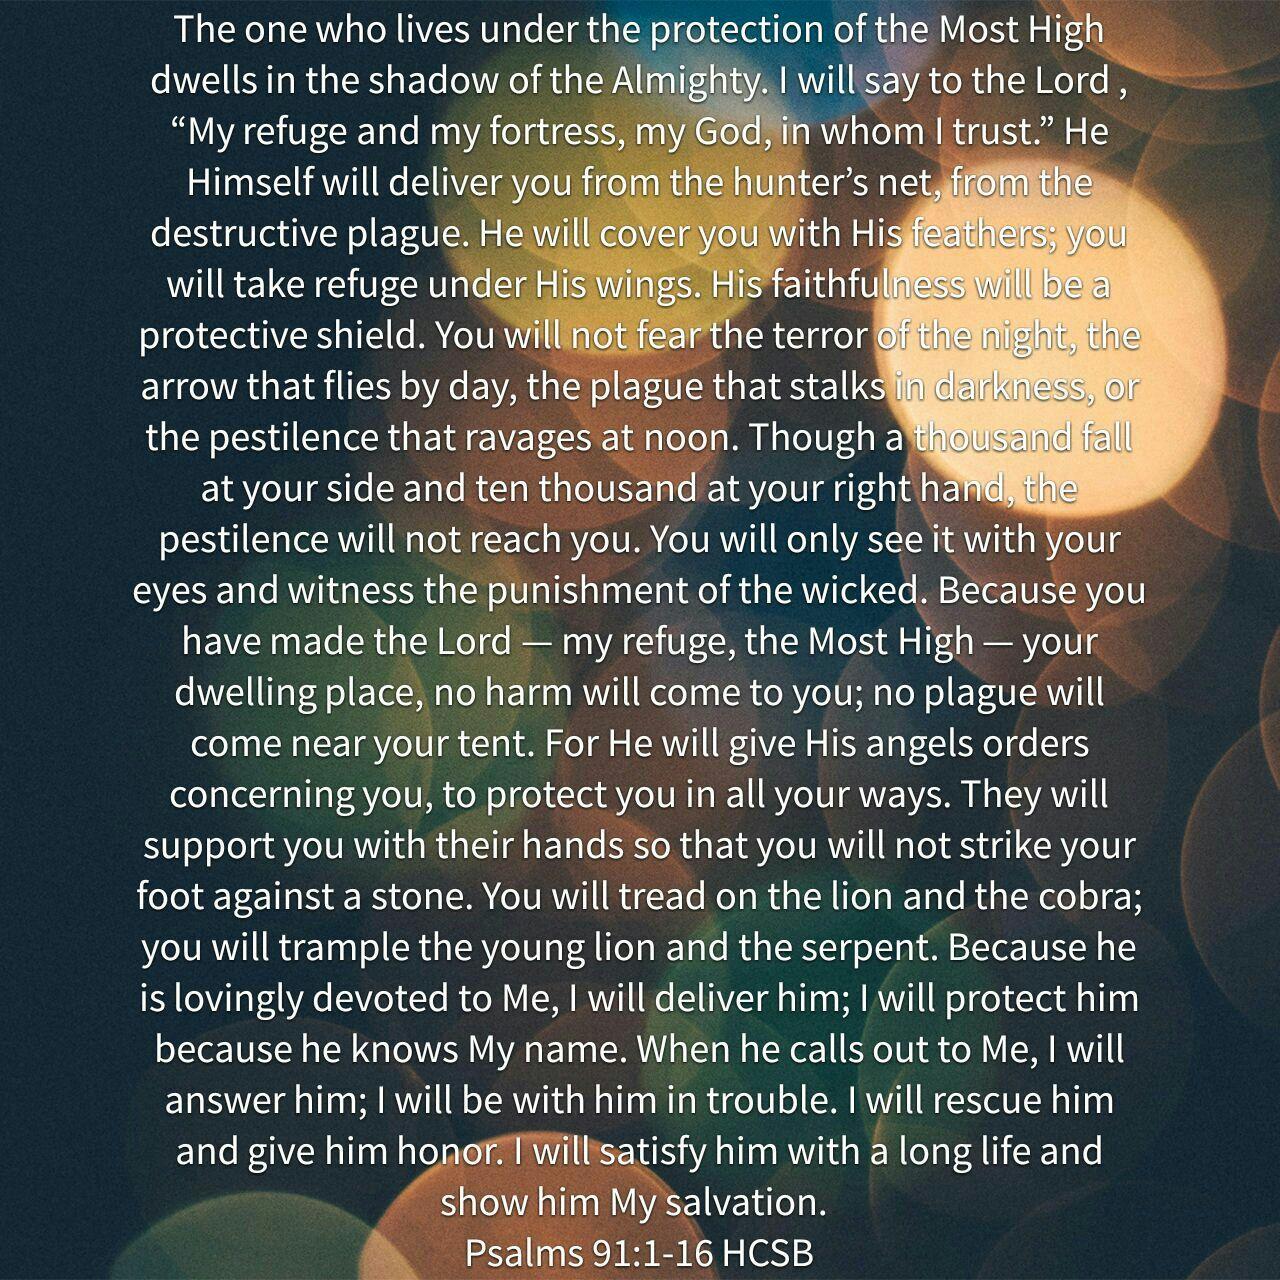 Psalms 91: 1-16